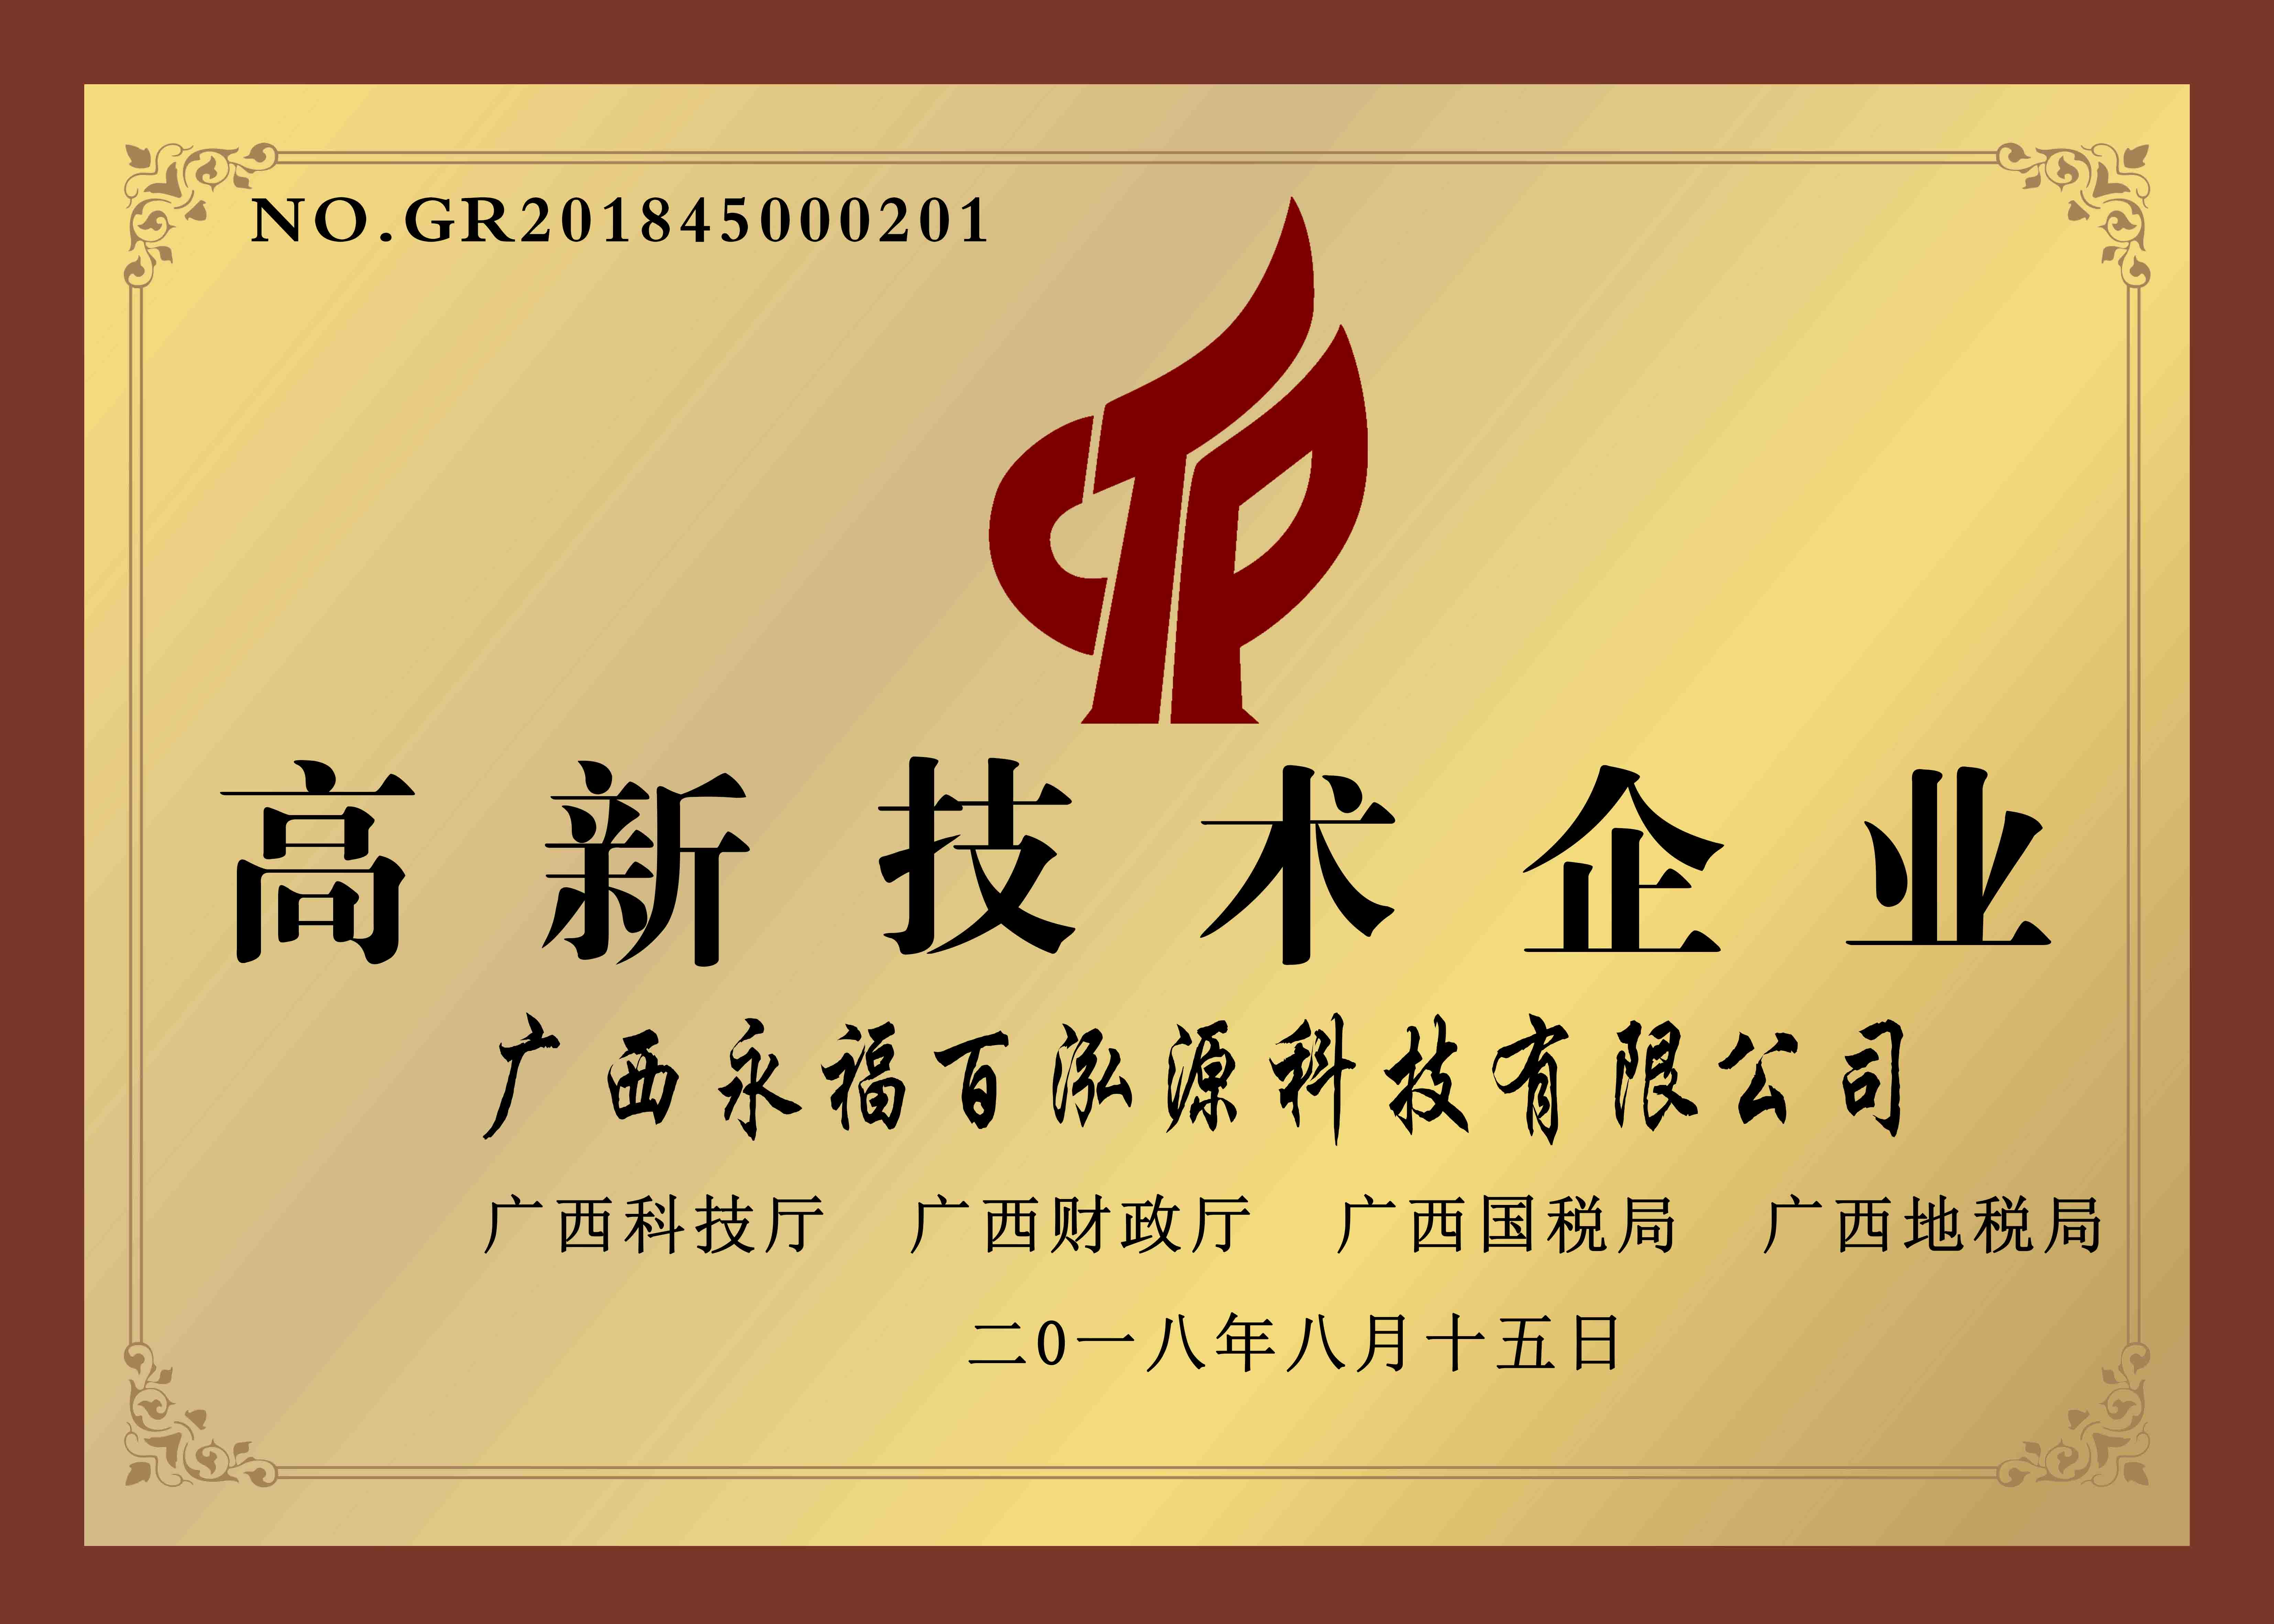 高新技術企業(廣西永福百泓源)